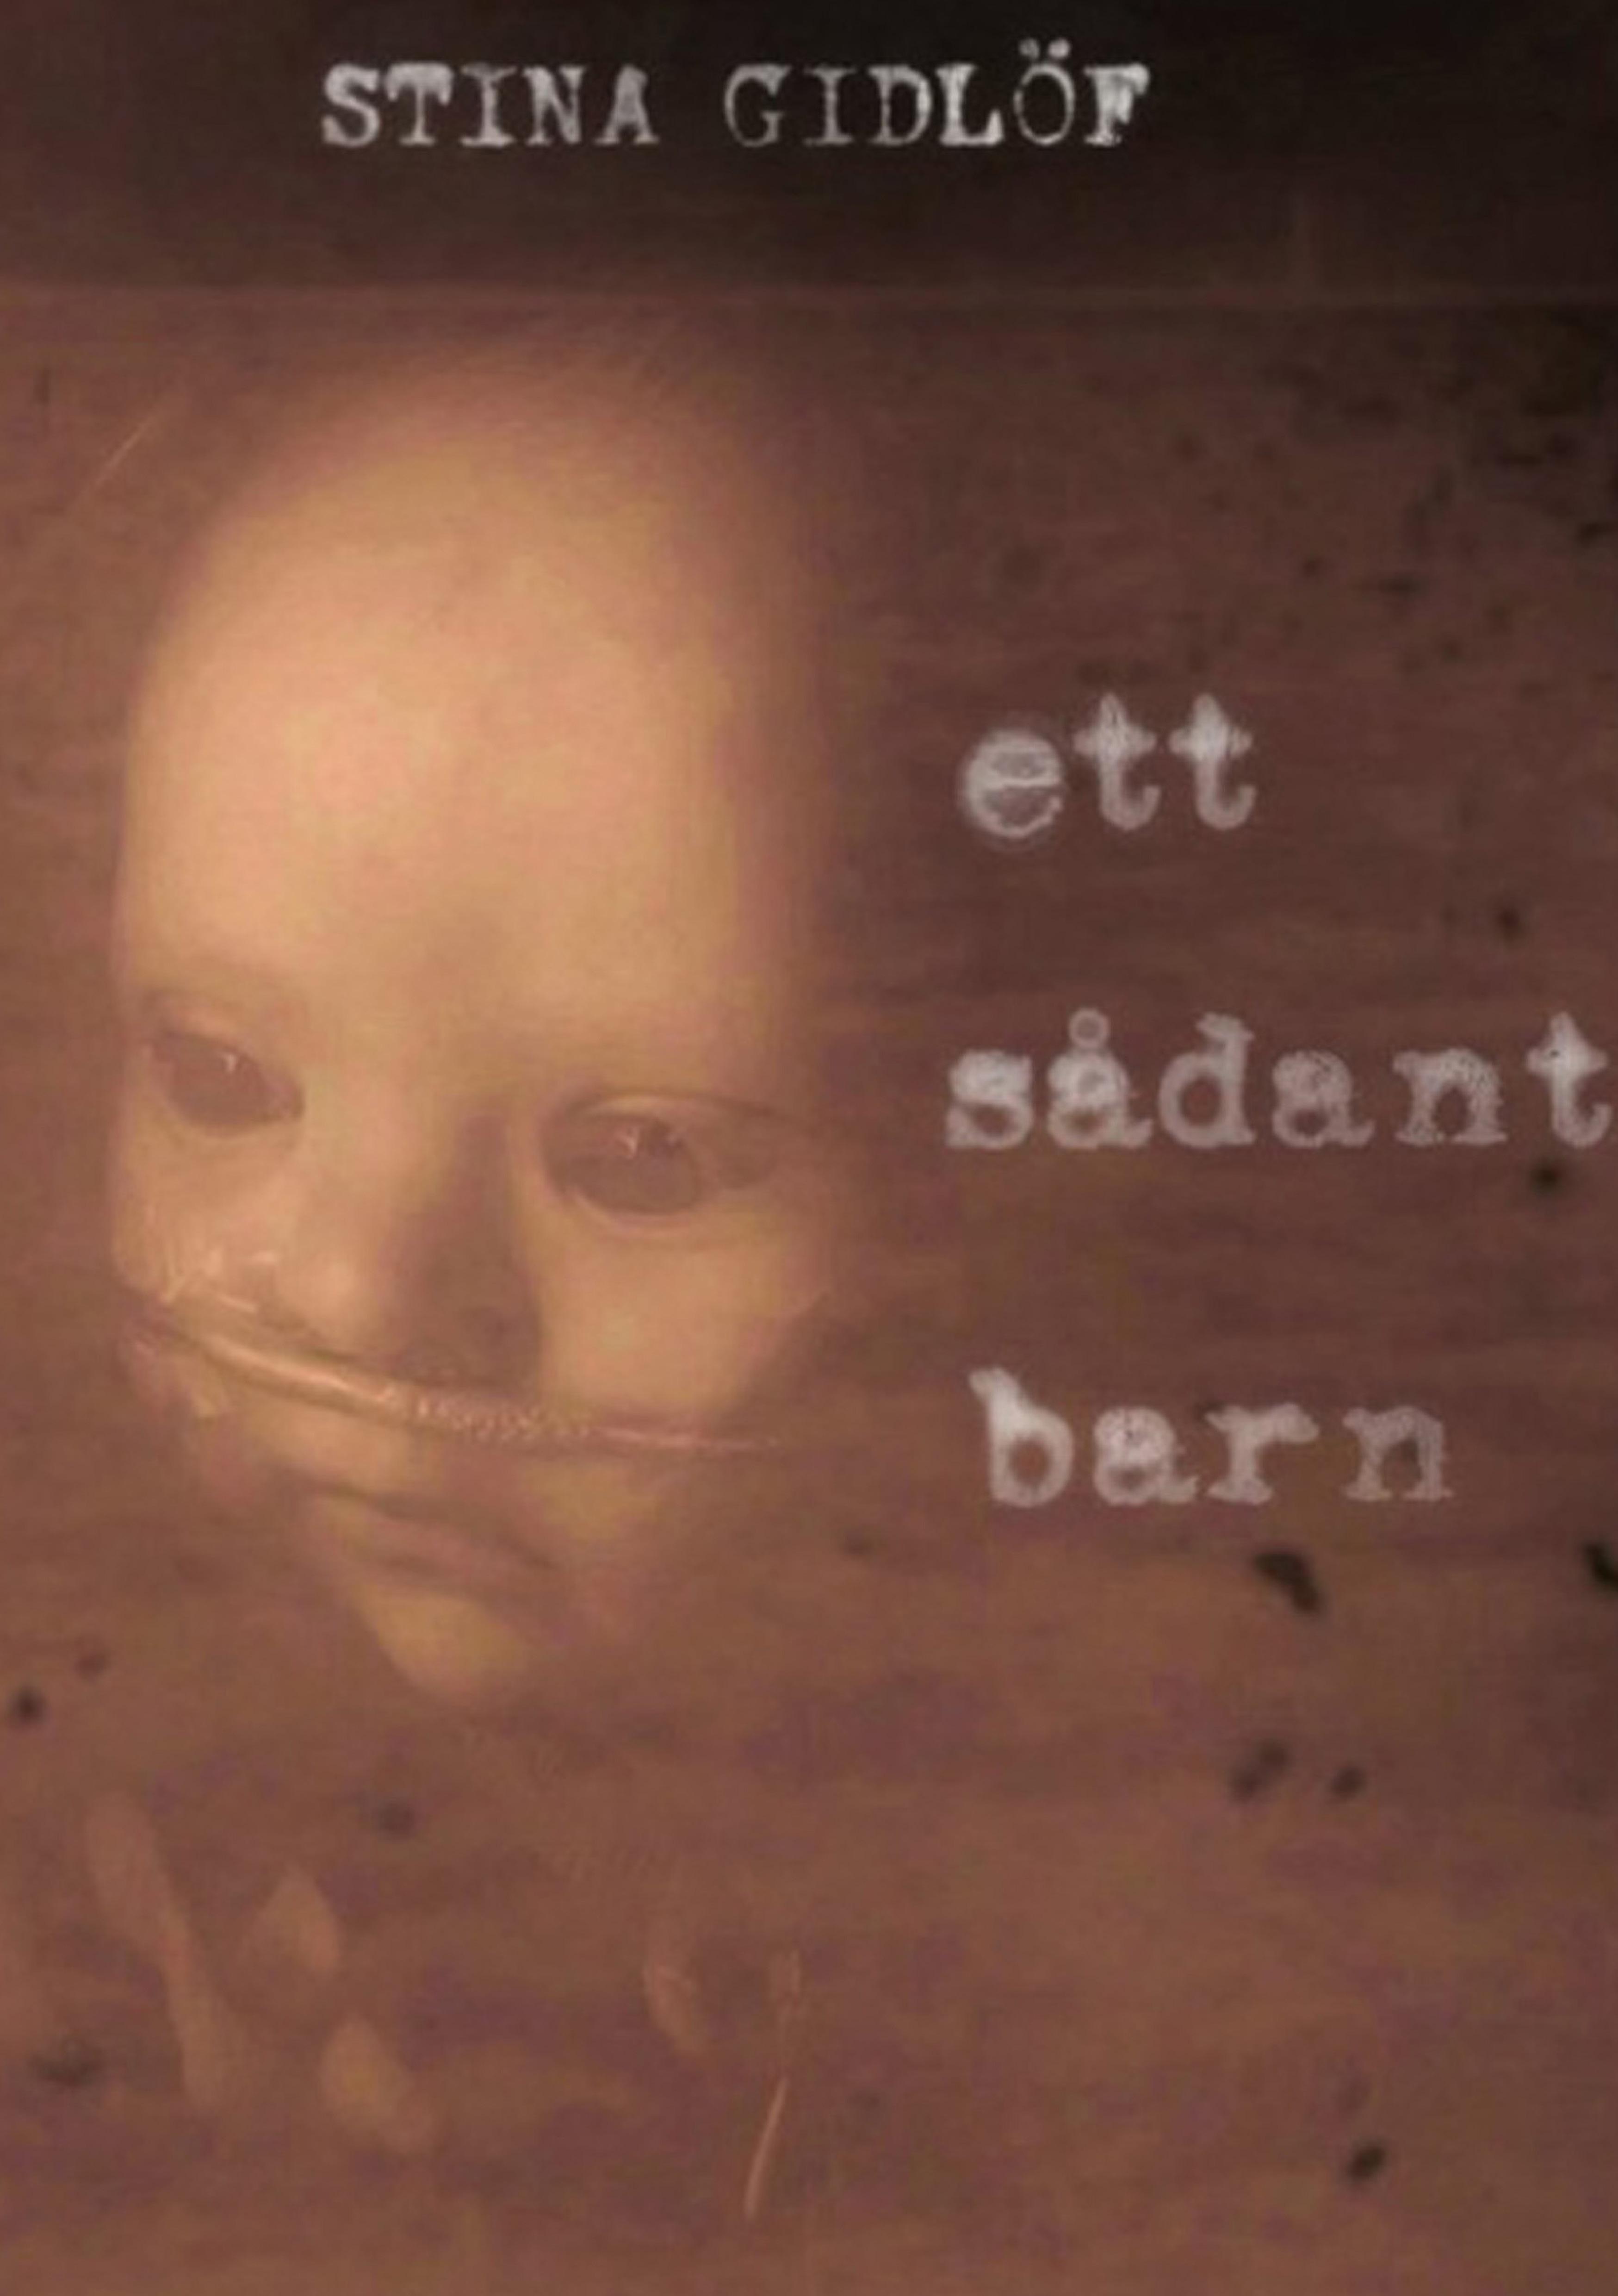 Ett sådant barn av Stina Gidlöf